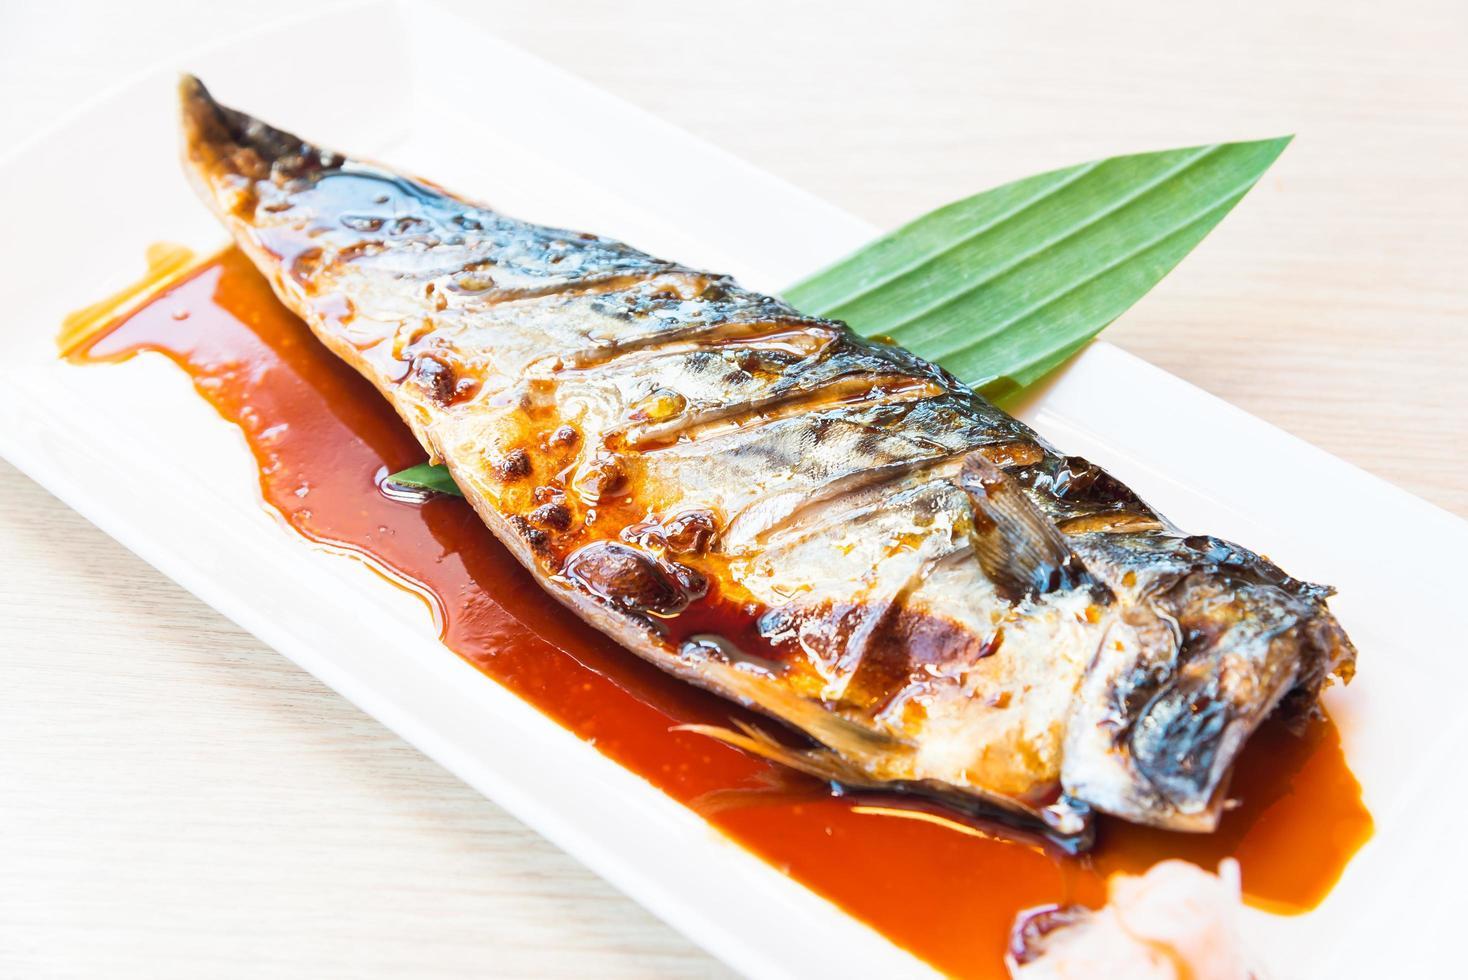 pescado saba a la plancha con salsa dulce encima foto